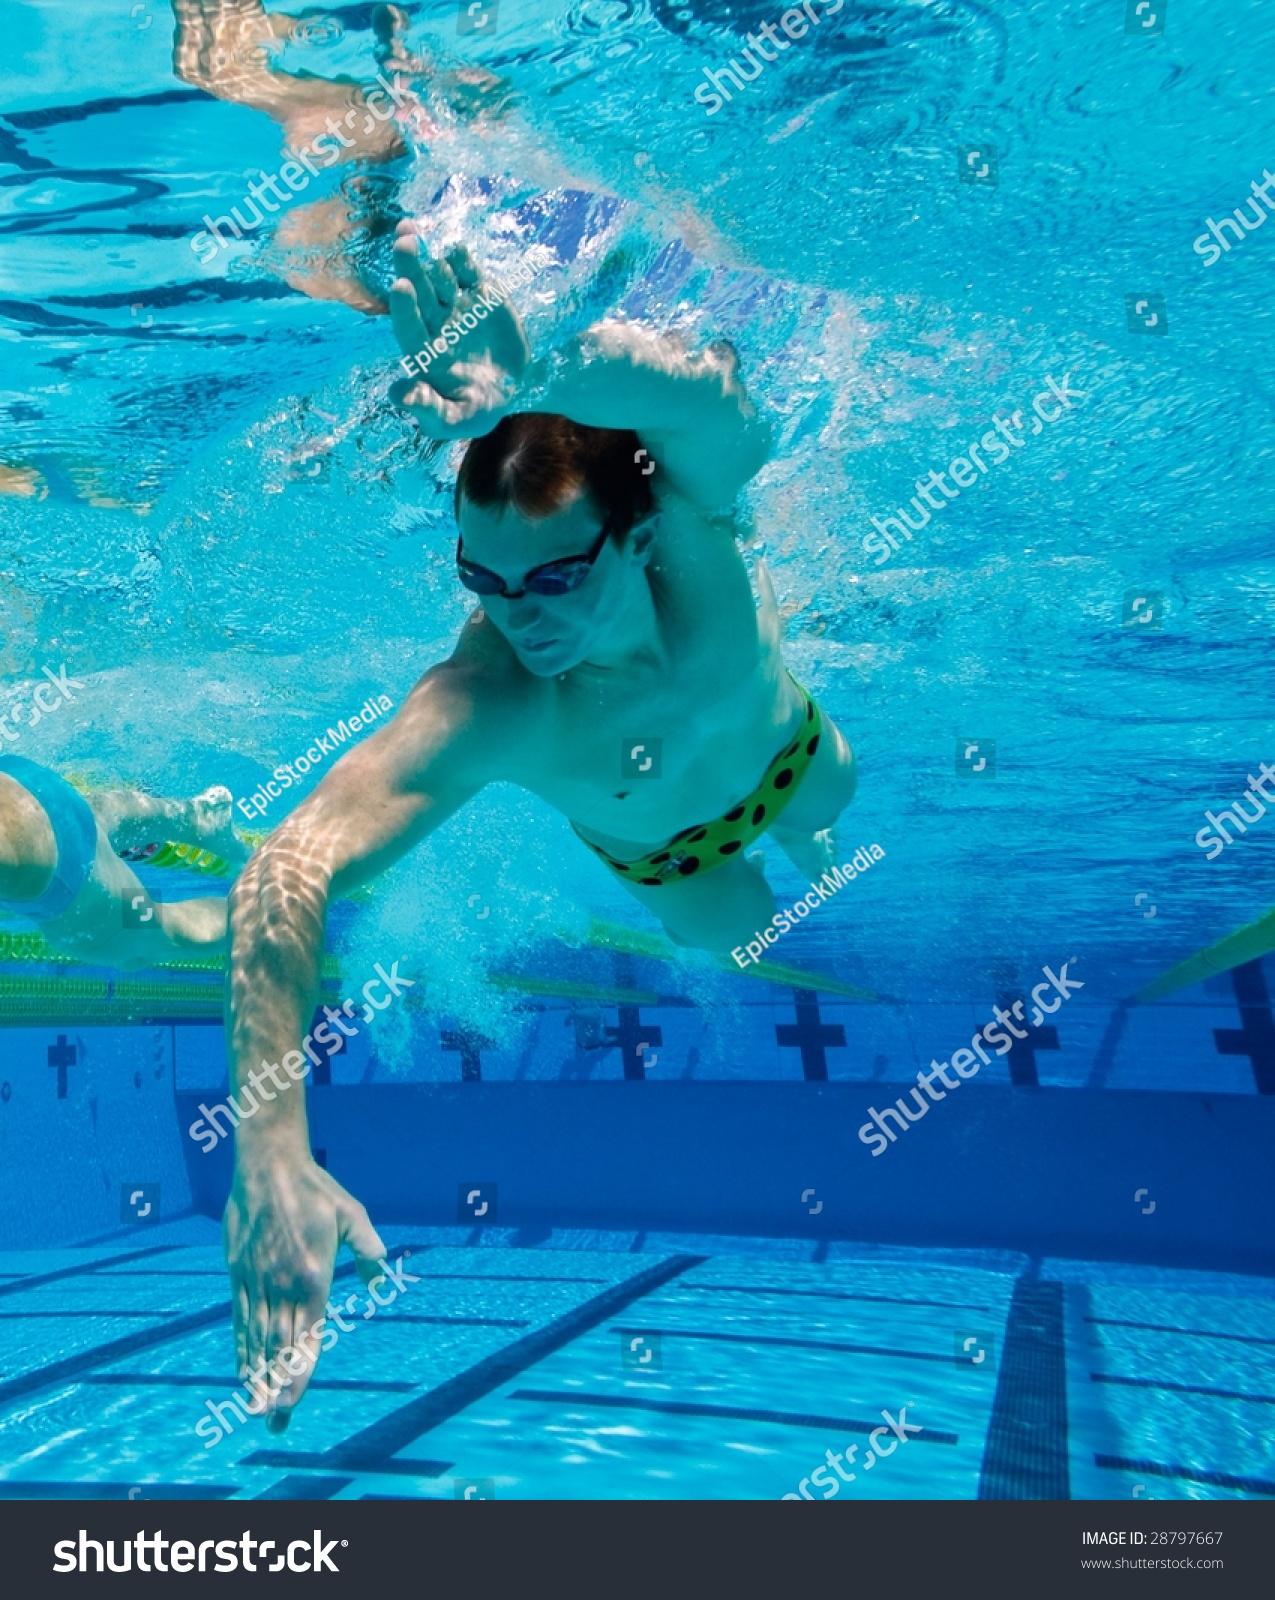 Swimmer Swimming Laps Pool Underwater View Stock Photo